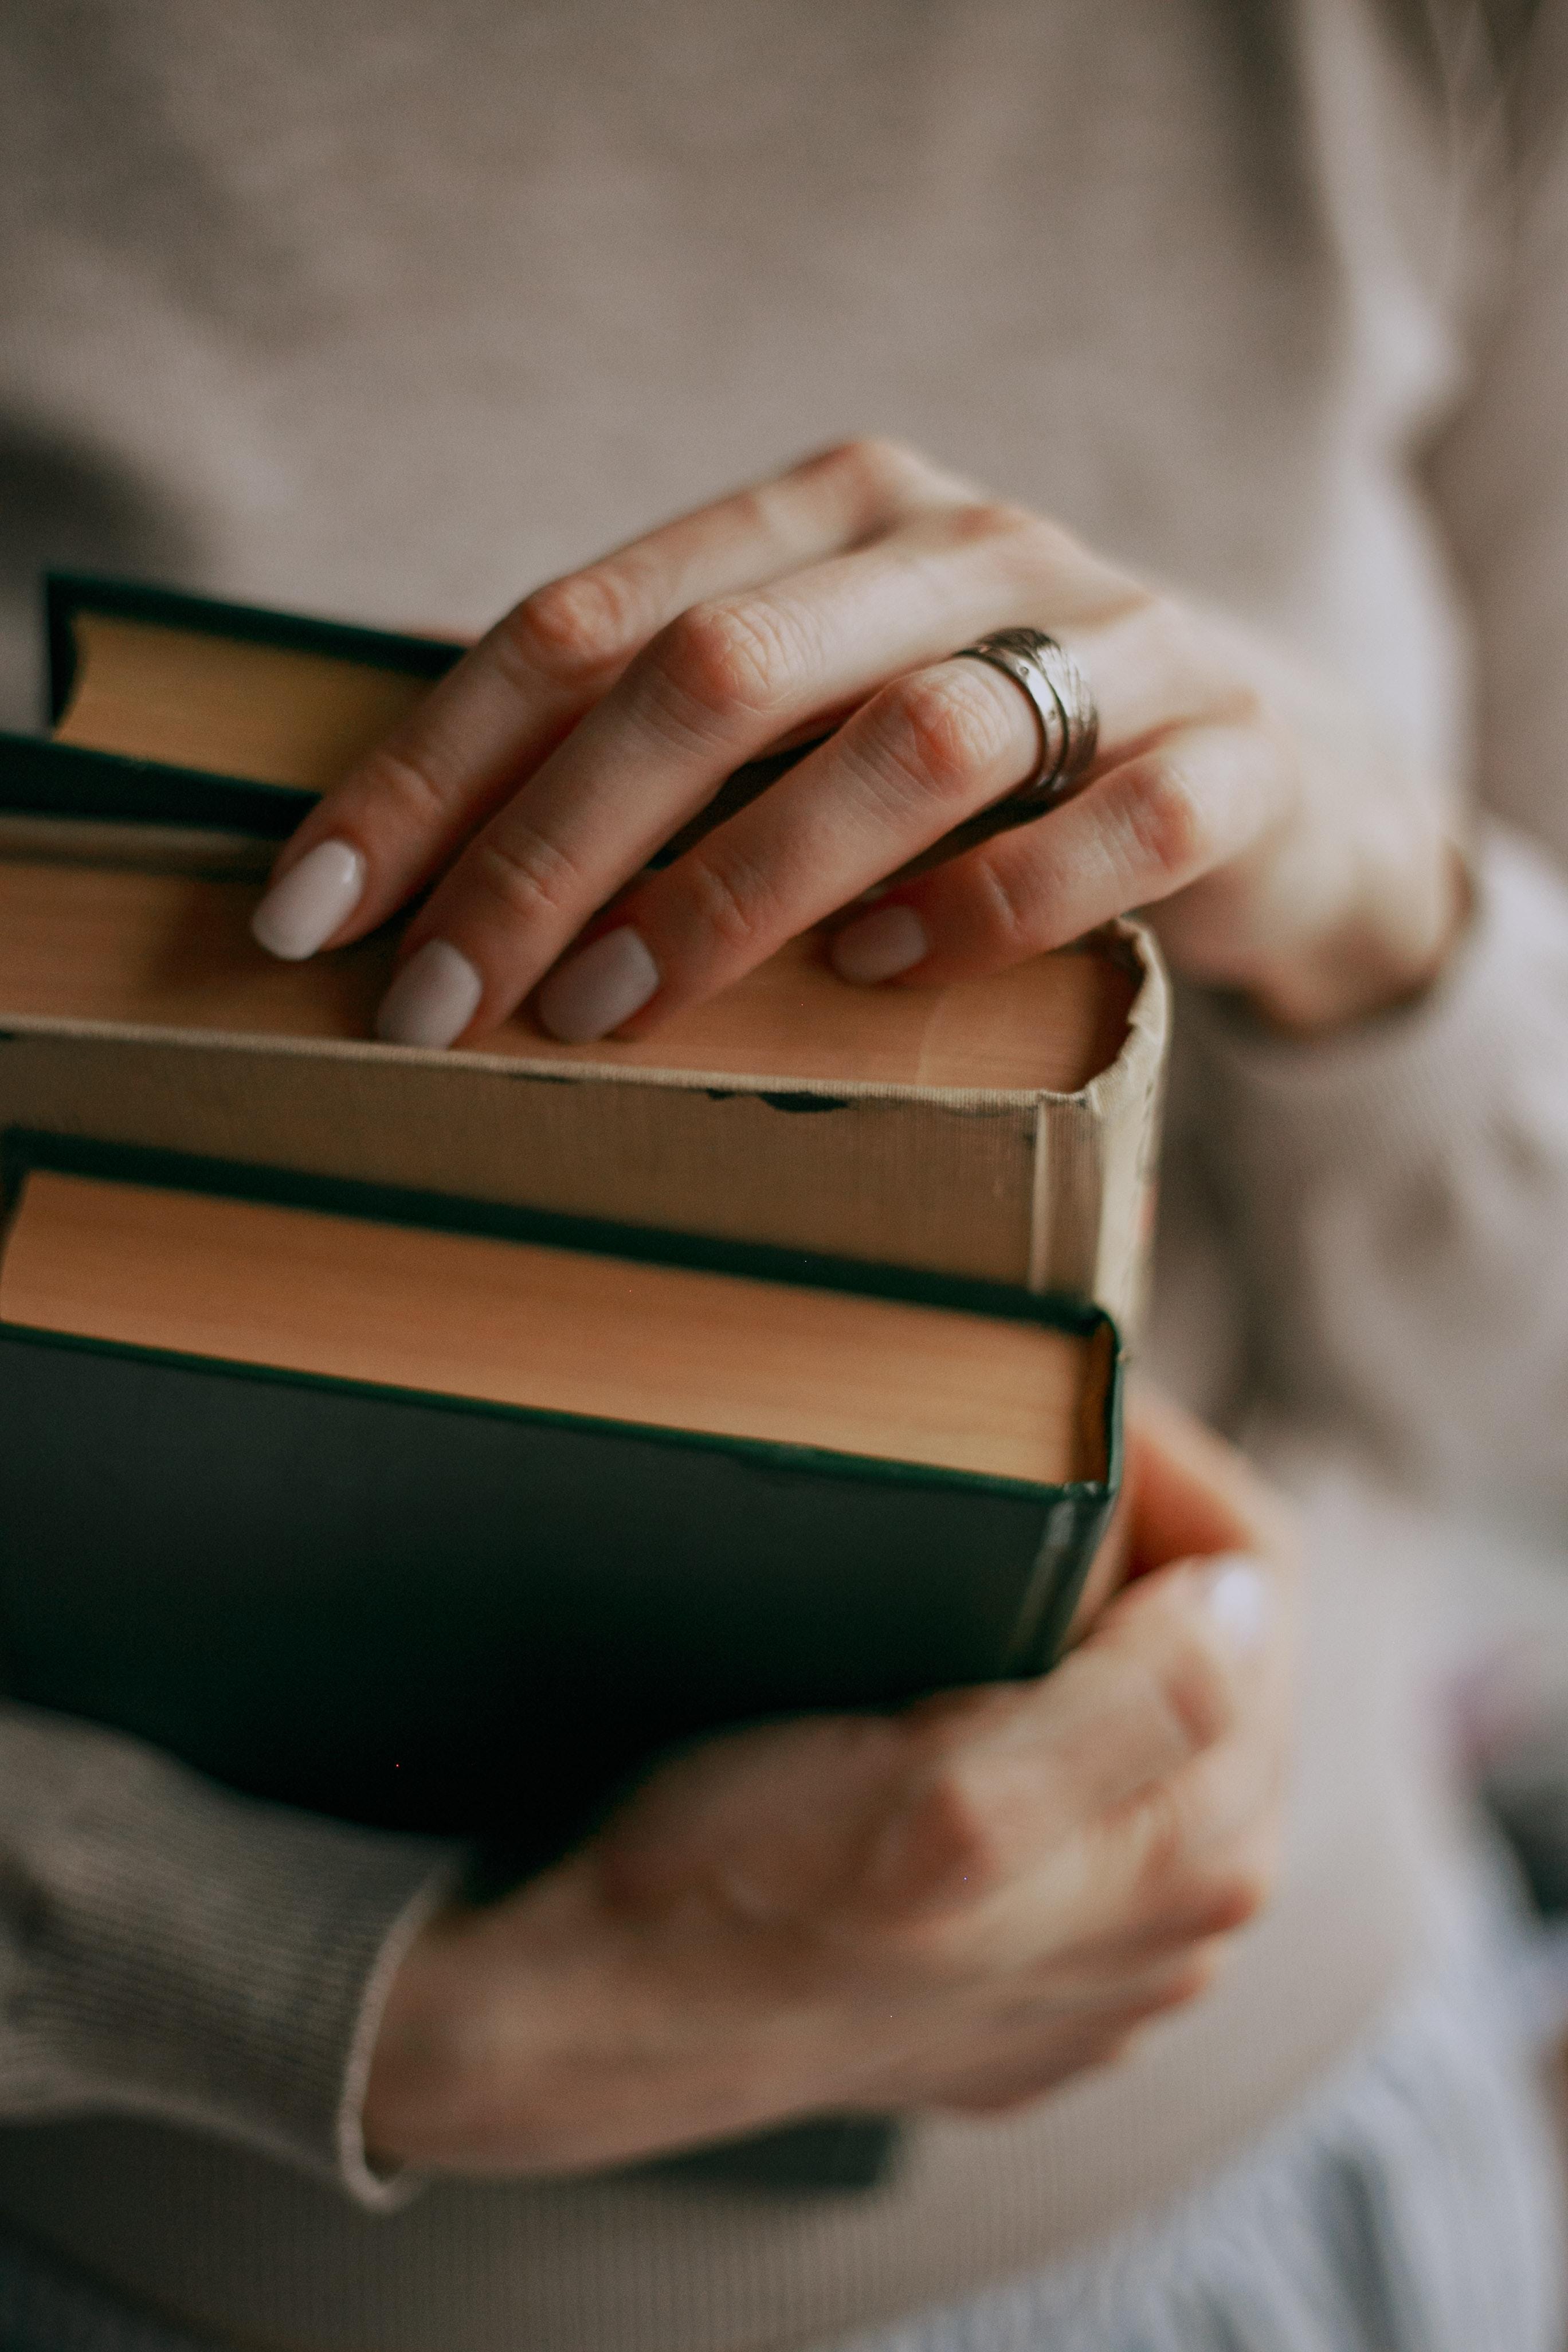 139844 скачать обои Разное, Руки, Книги, Пальцы - заставки и картинки бесплатно